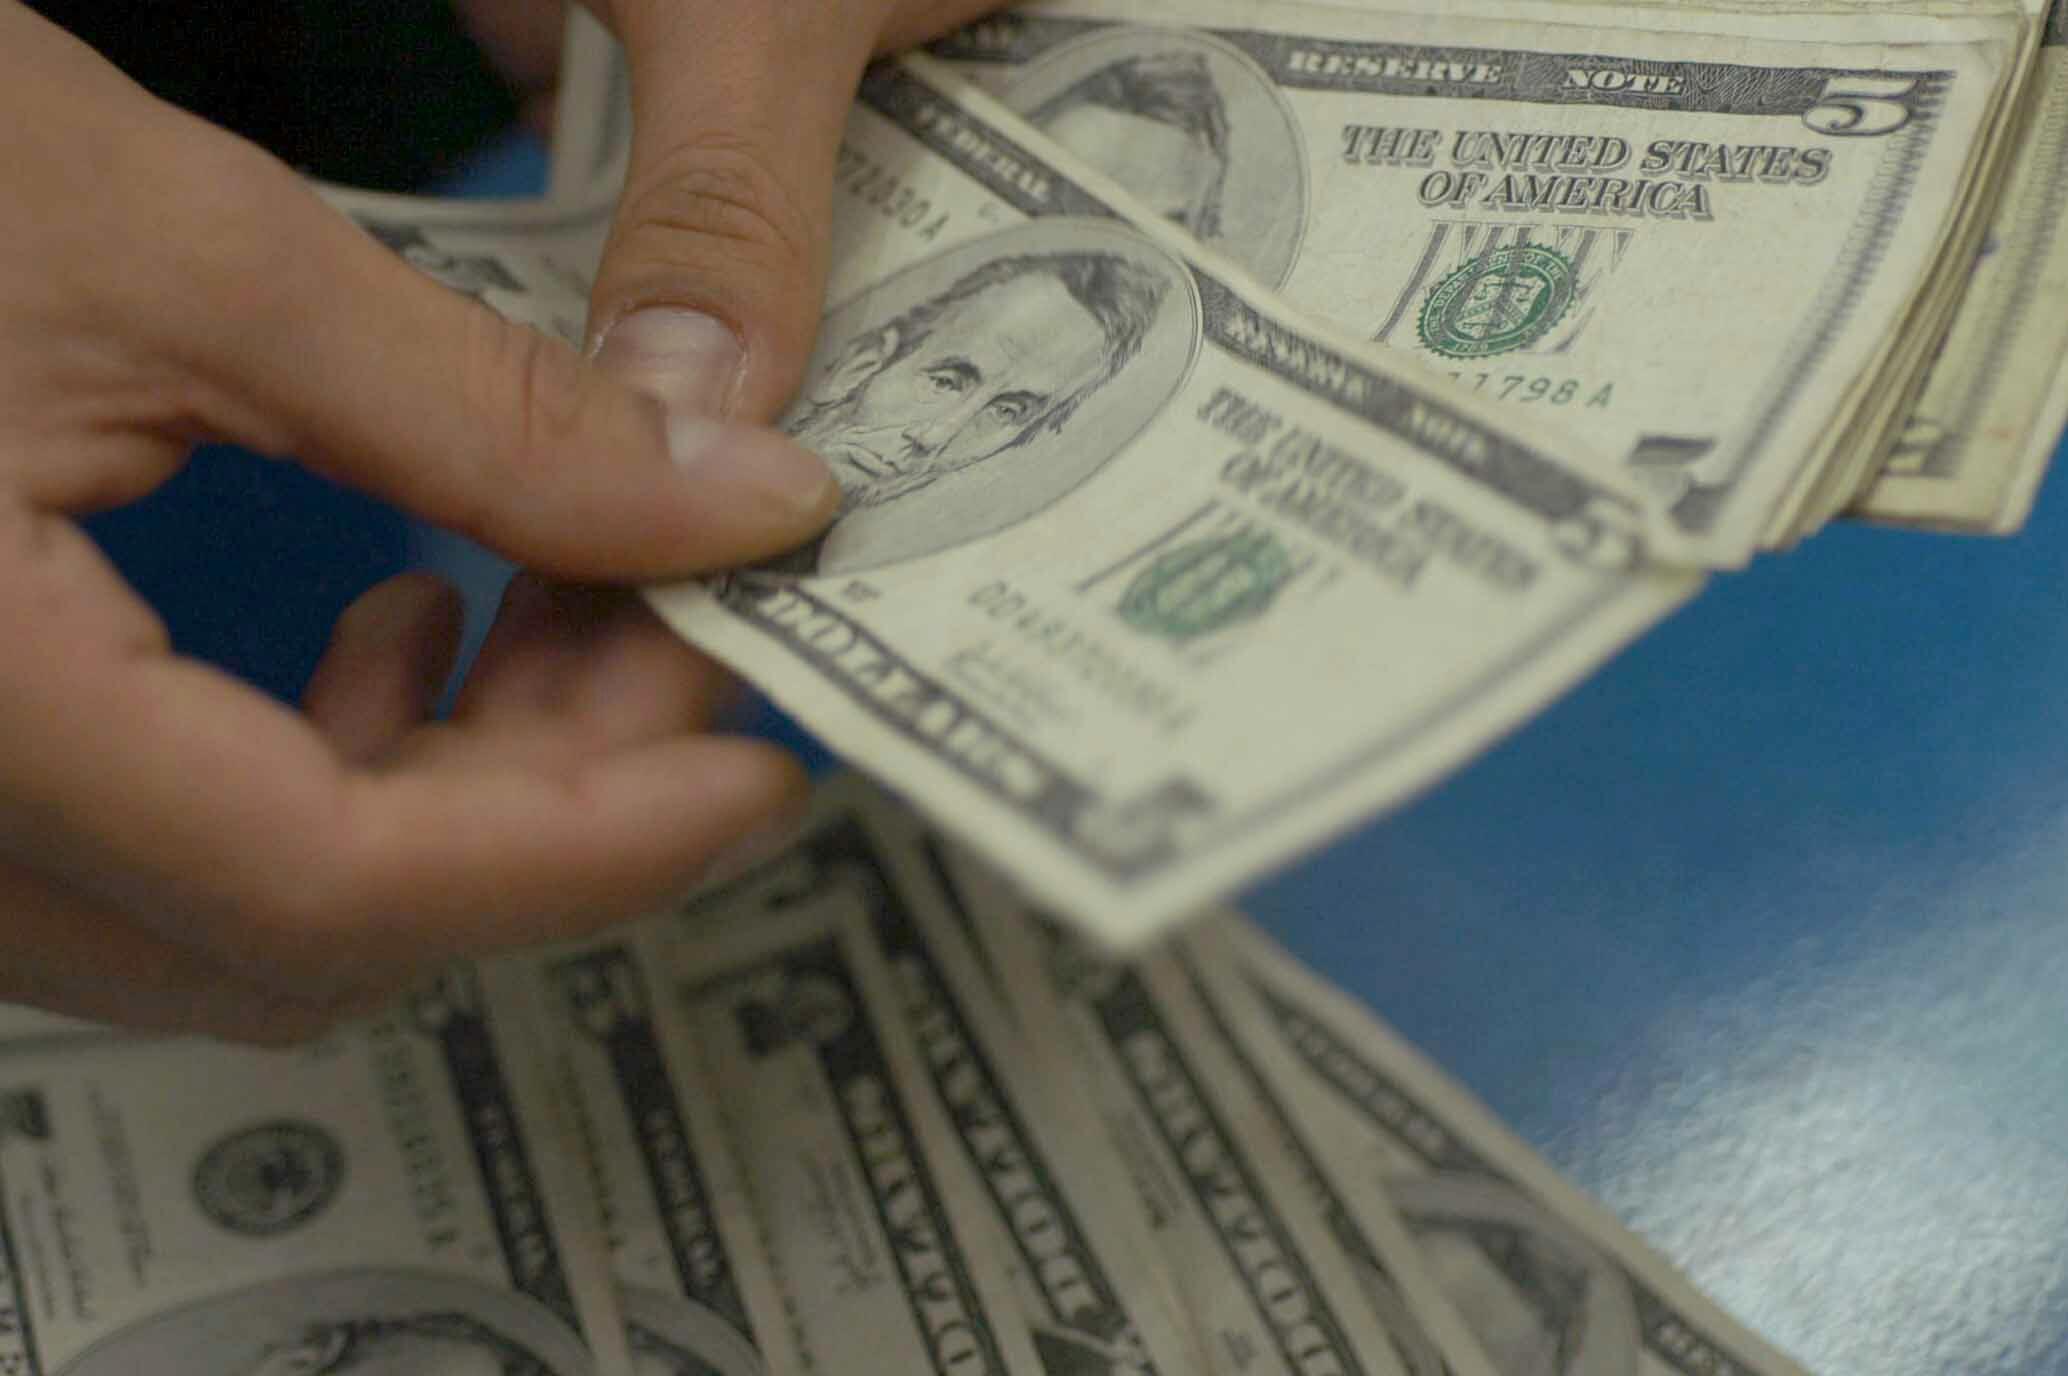 ¿Metales preciosos para respaldar divisas?